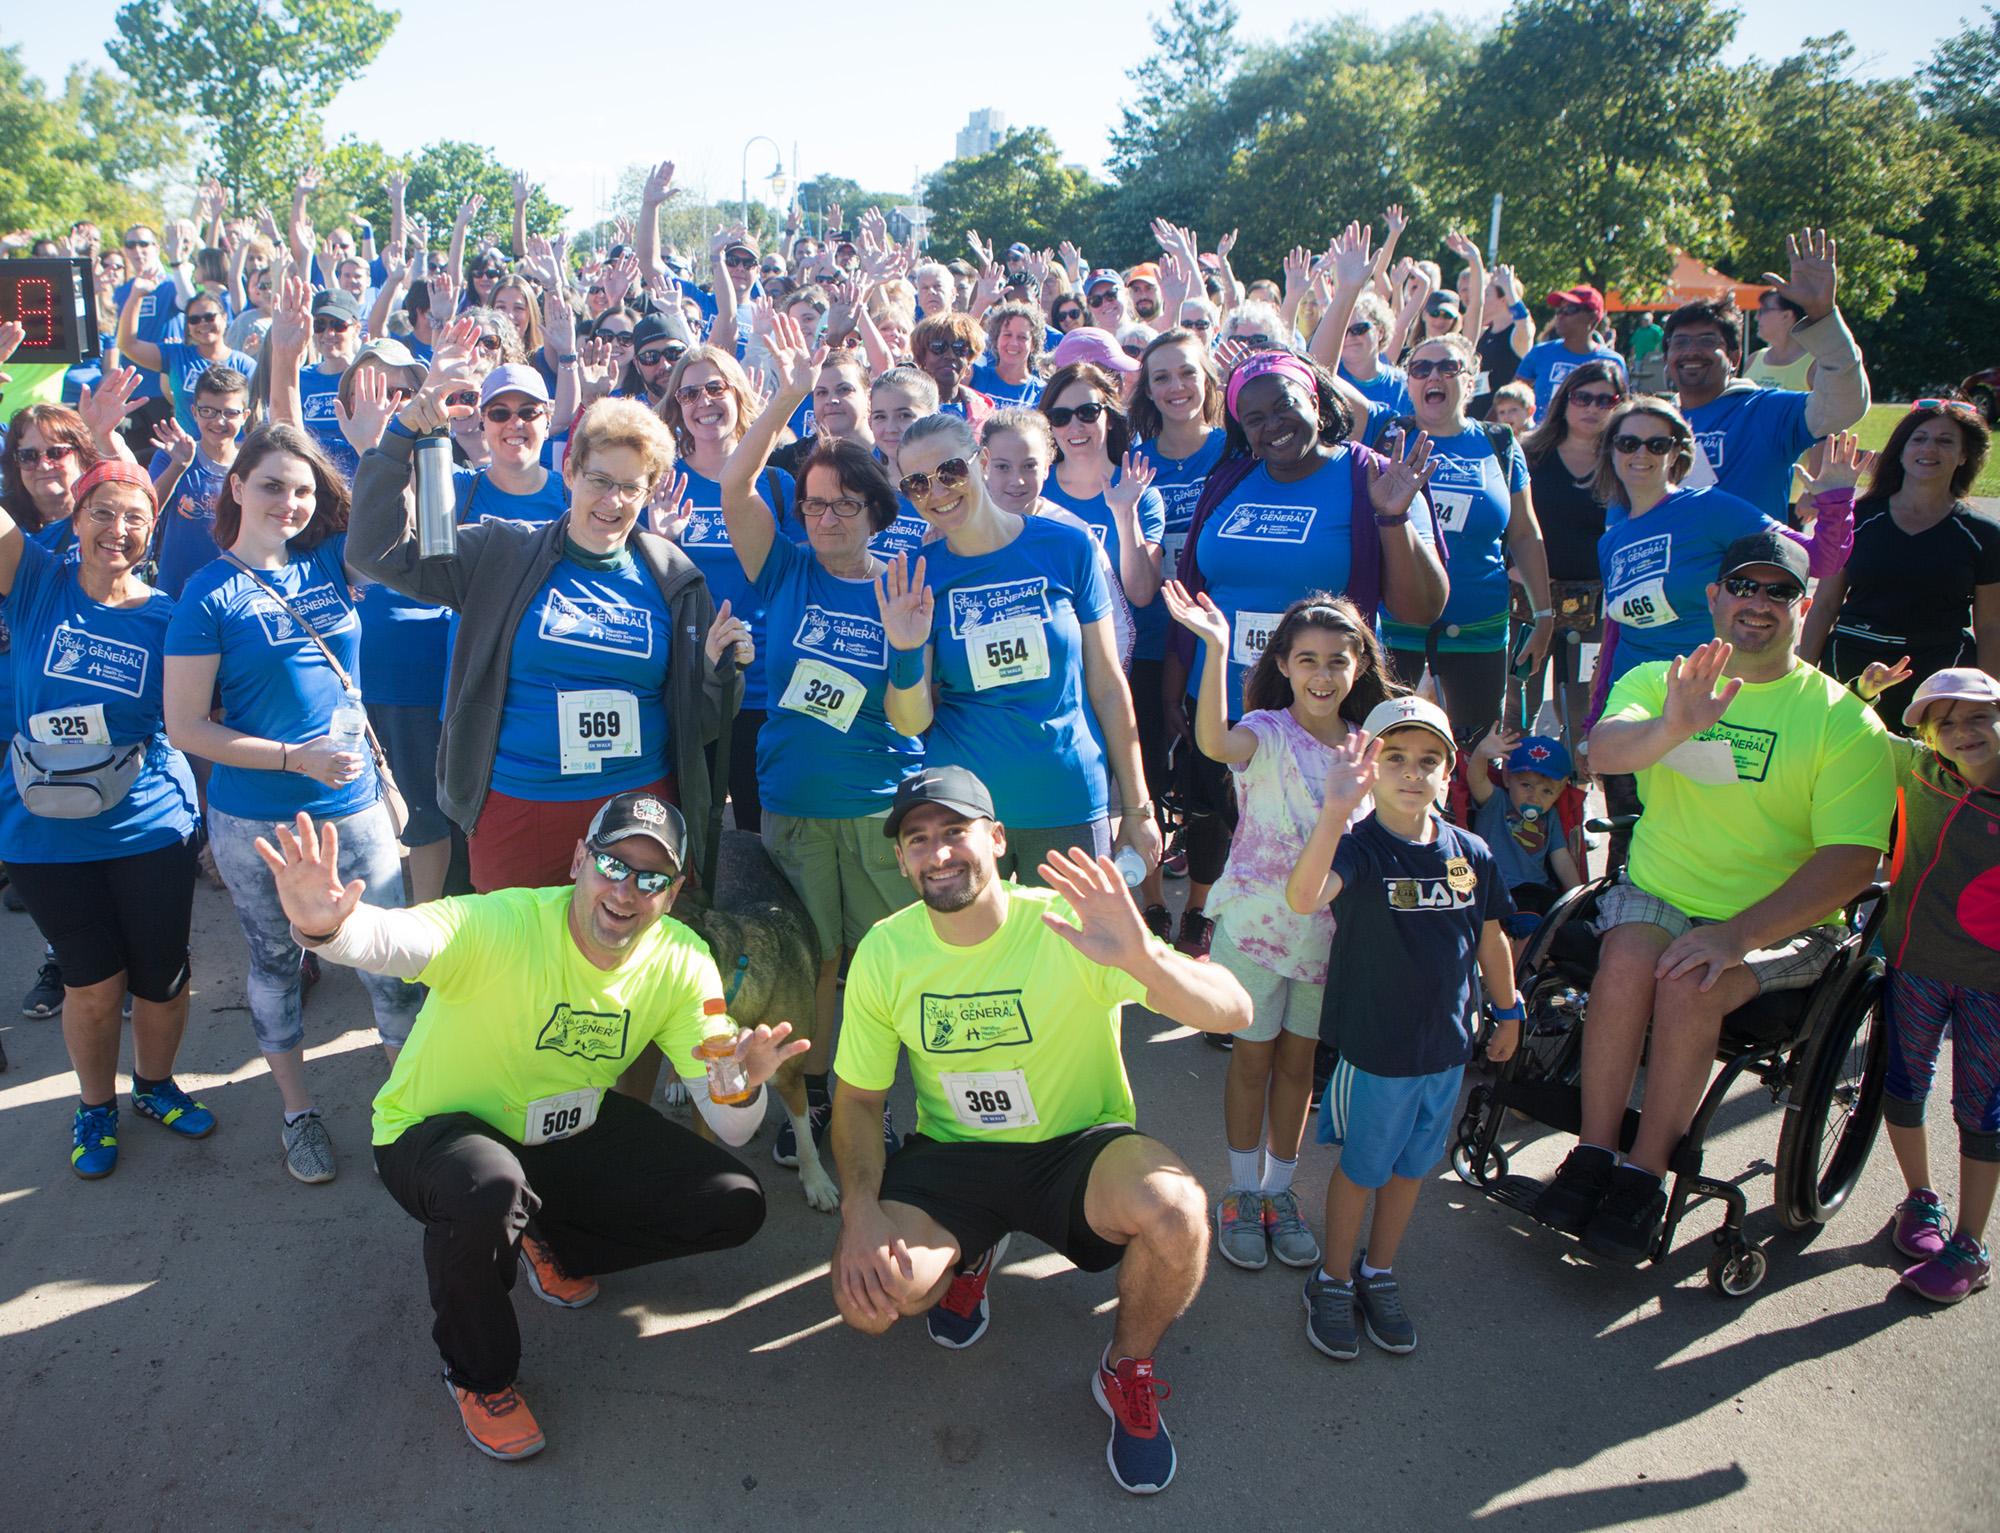 Event participants wave at camera